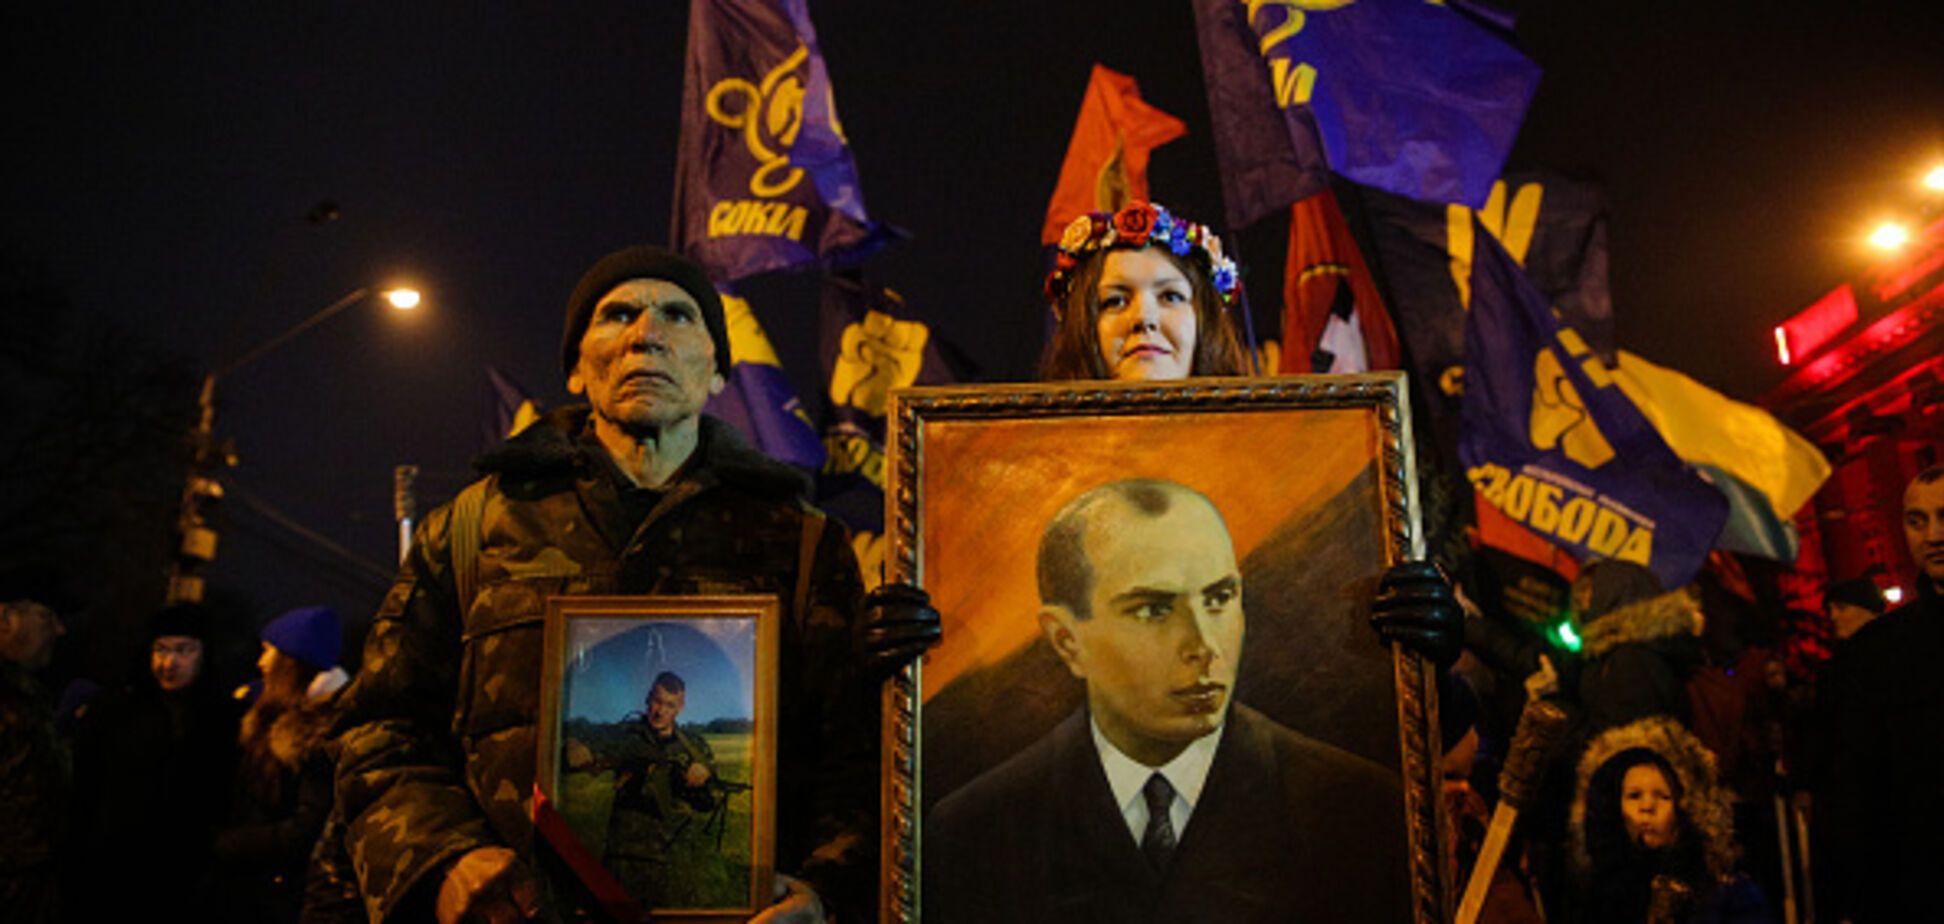 В Конгрессе США обвинили Украину в 'прославлении нацизма'